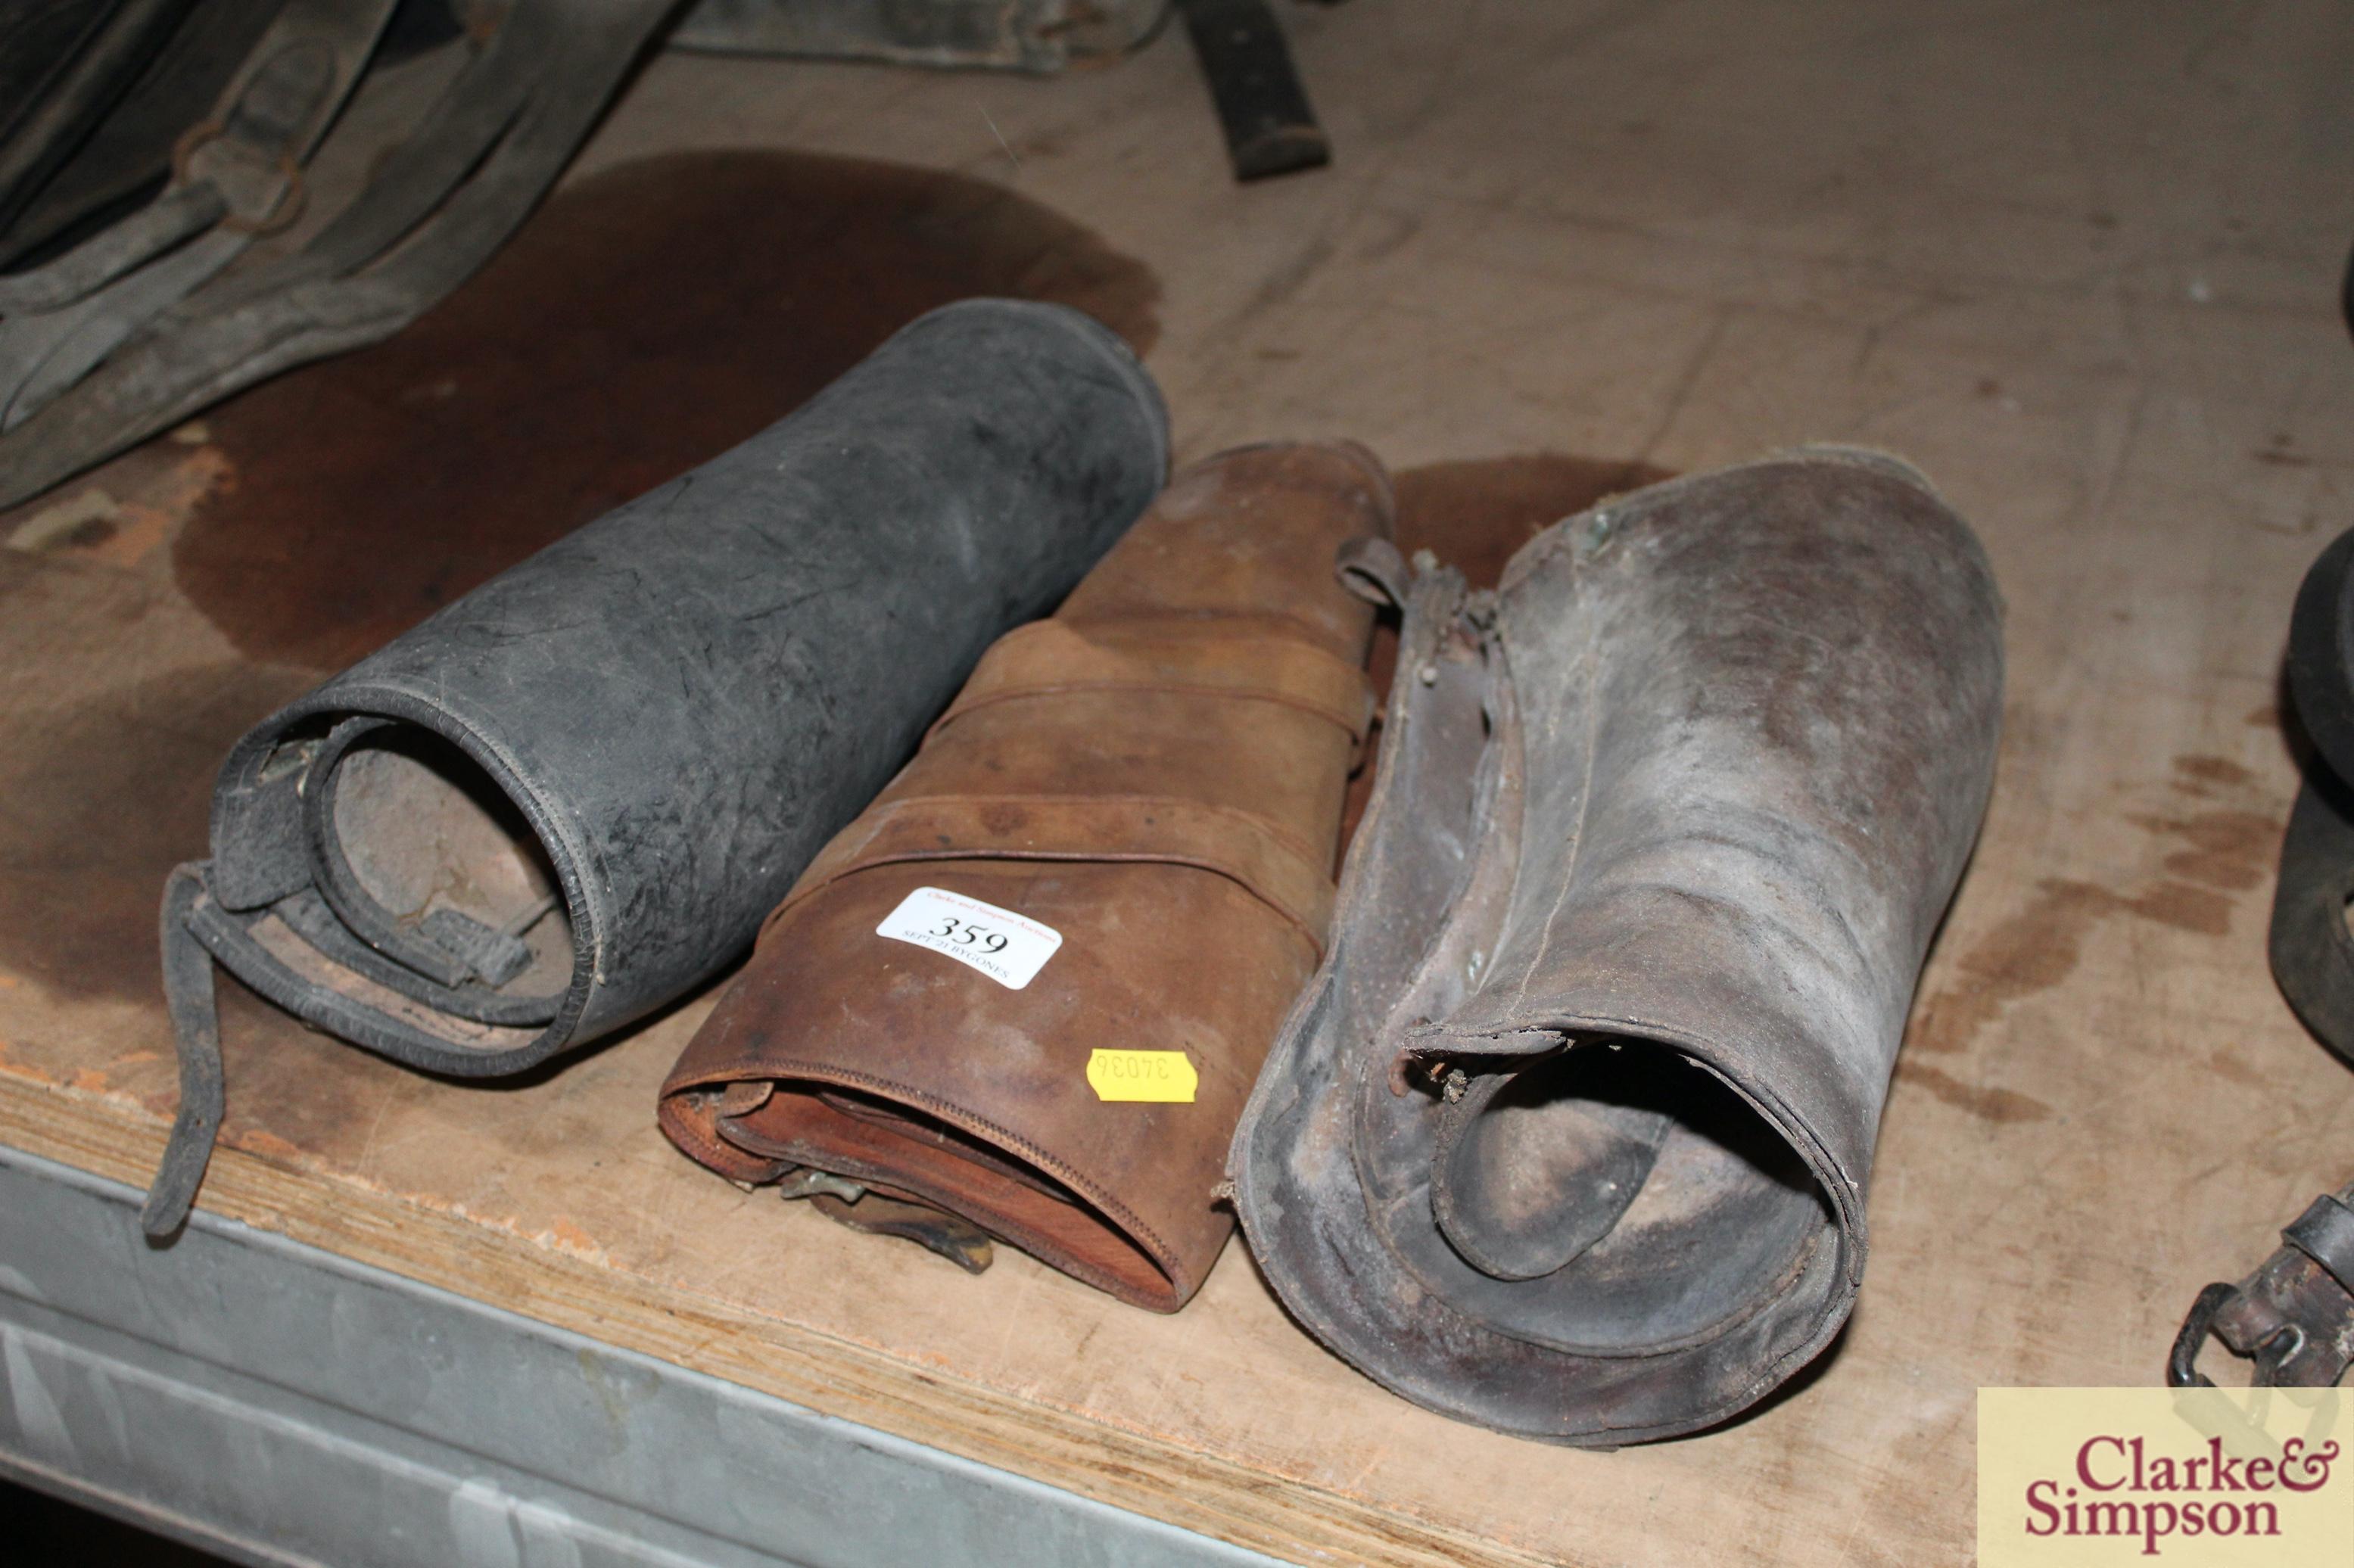 Three sets of vintage buskins